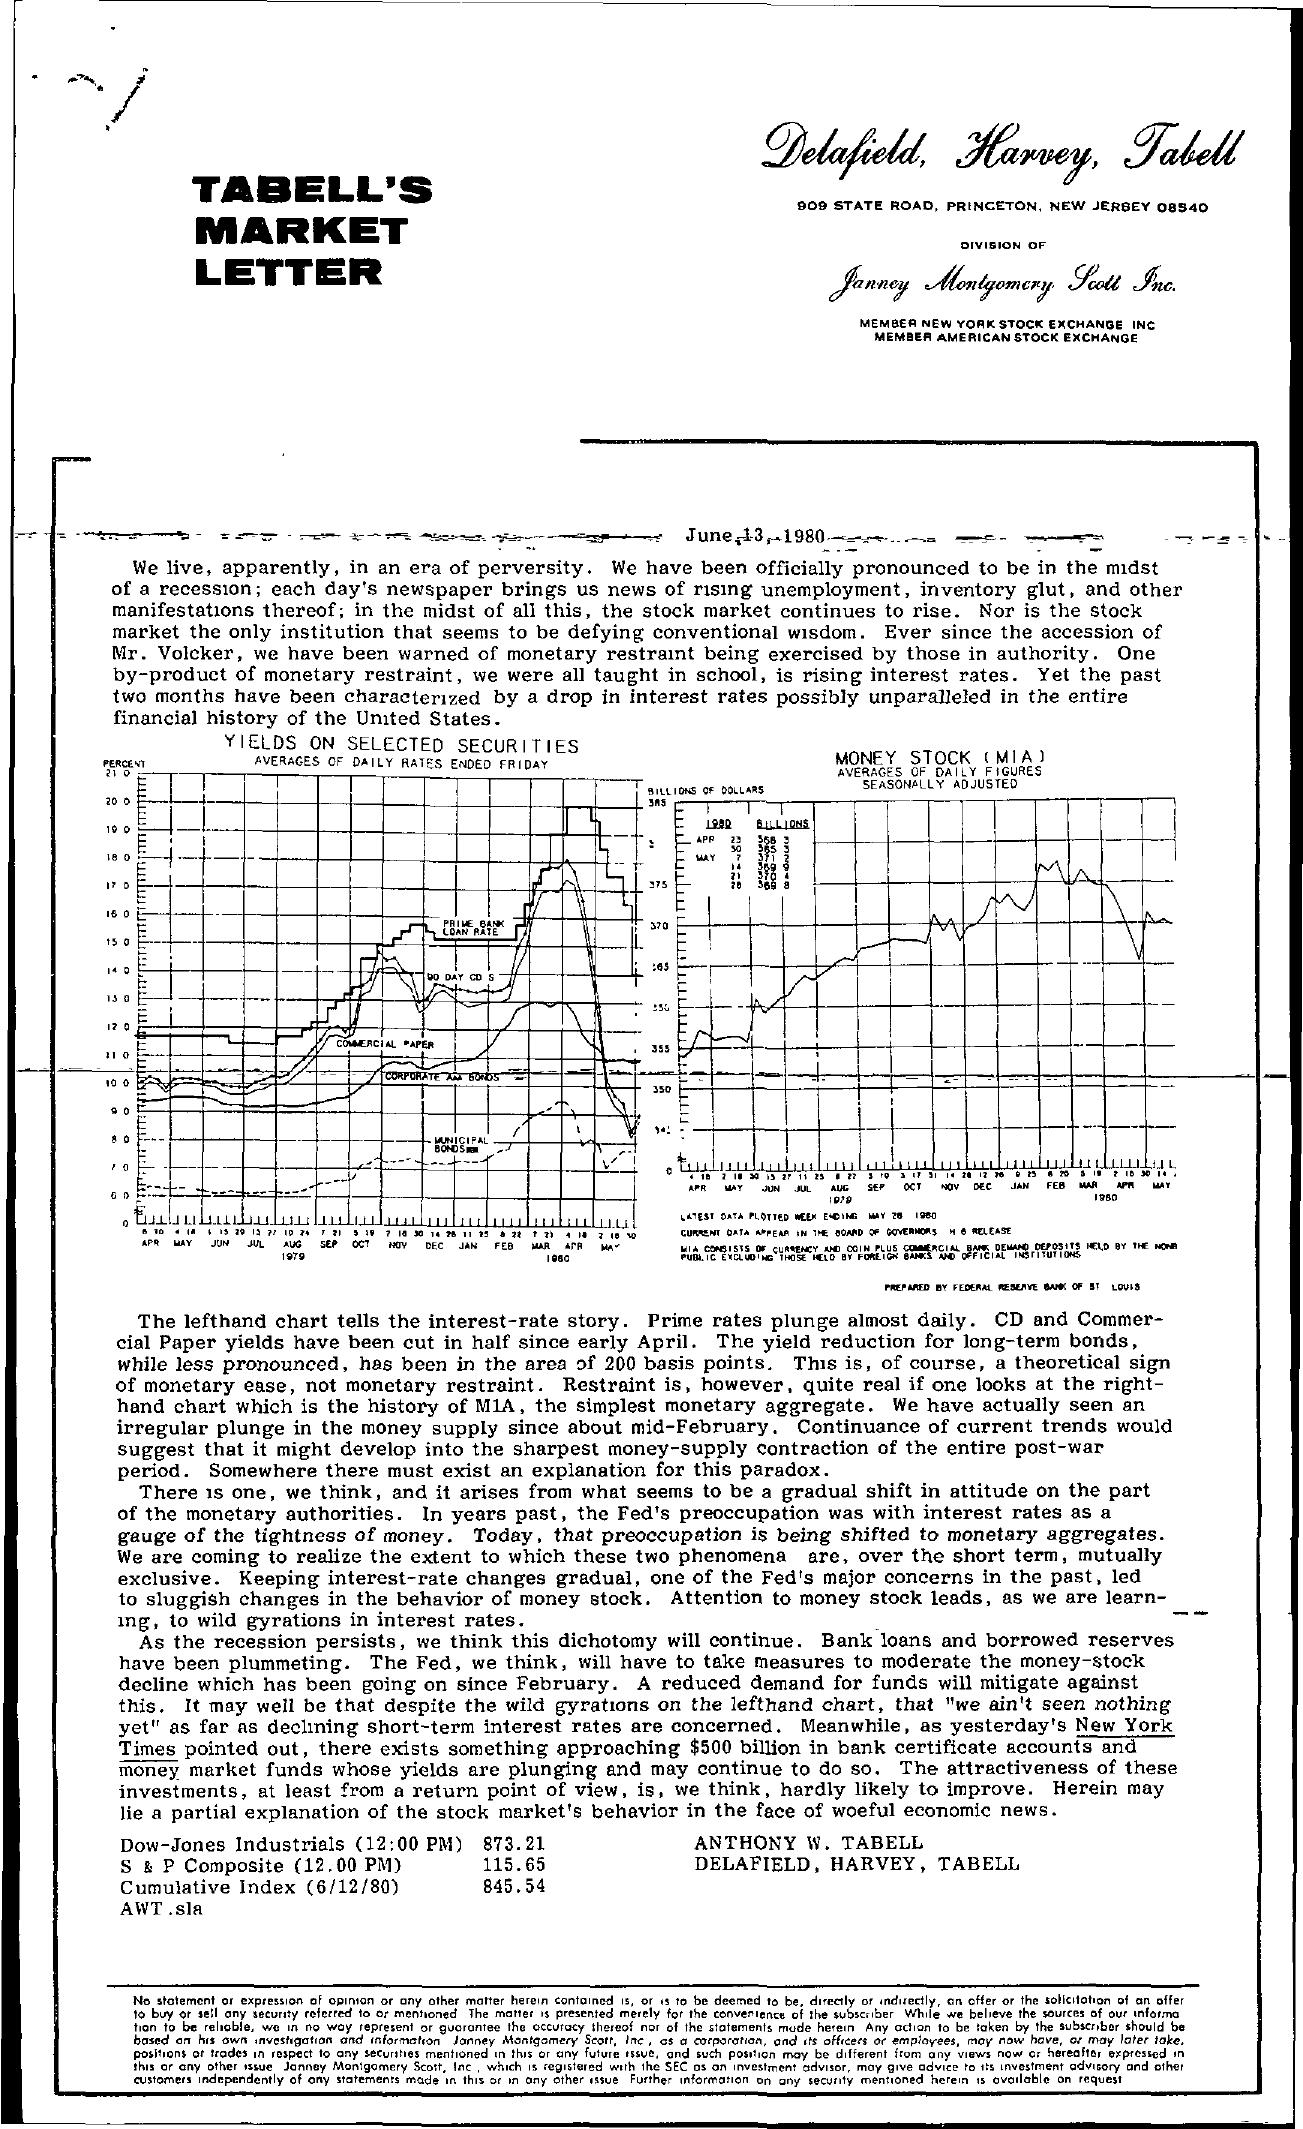 Tabell's Market Letter - June 13, 1980